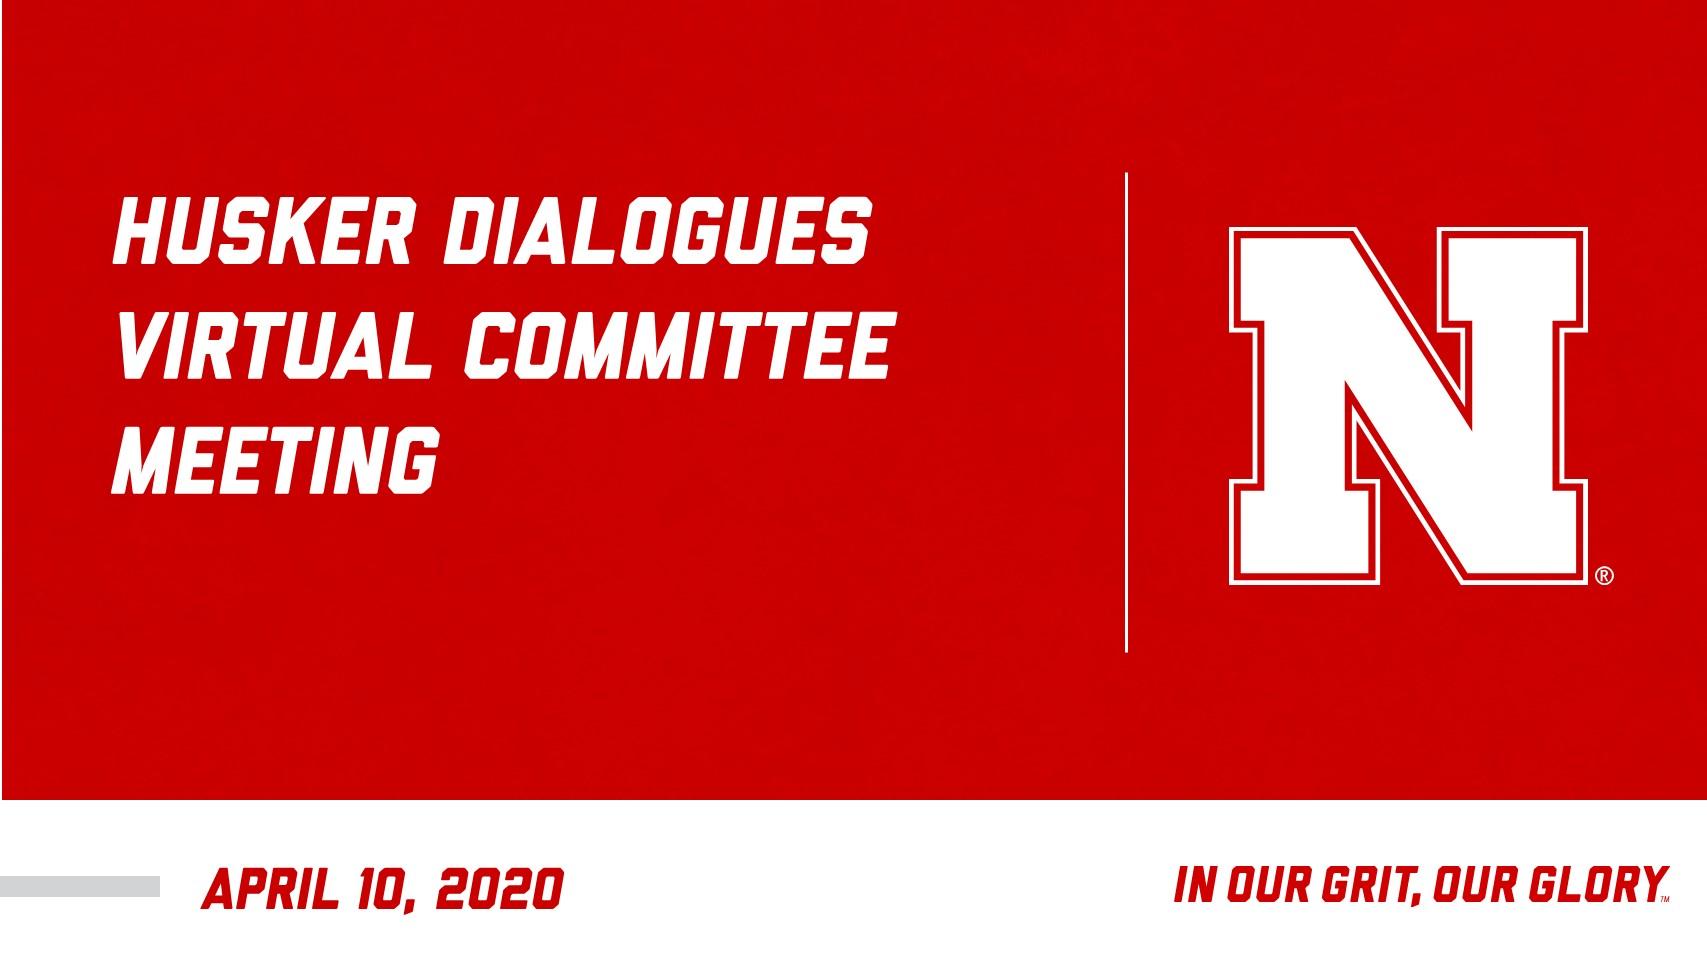 Husker Dialogues Virtual Meeting   April 10, 2020